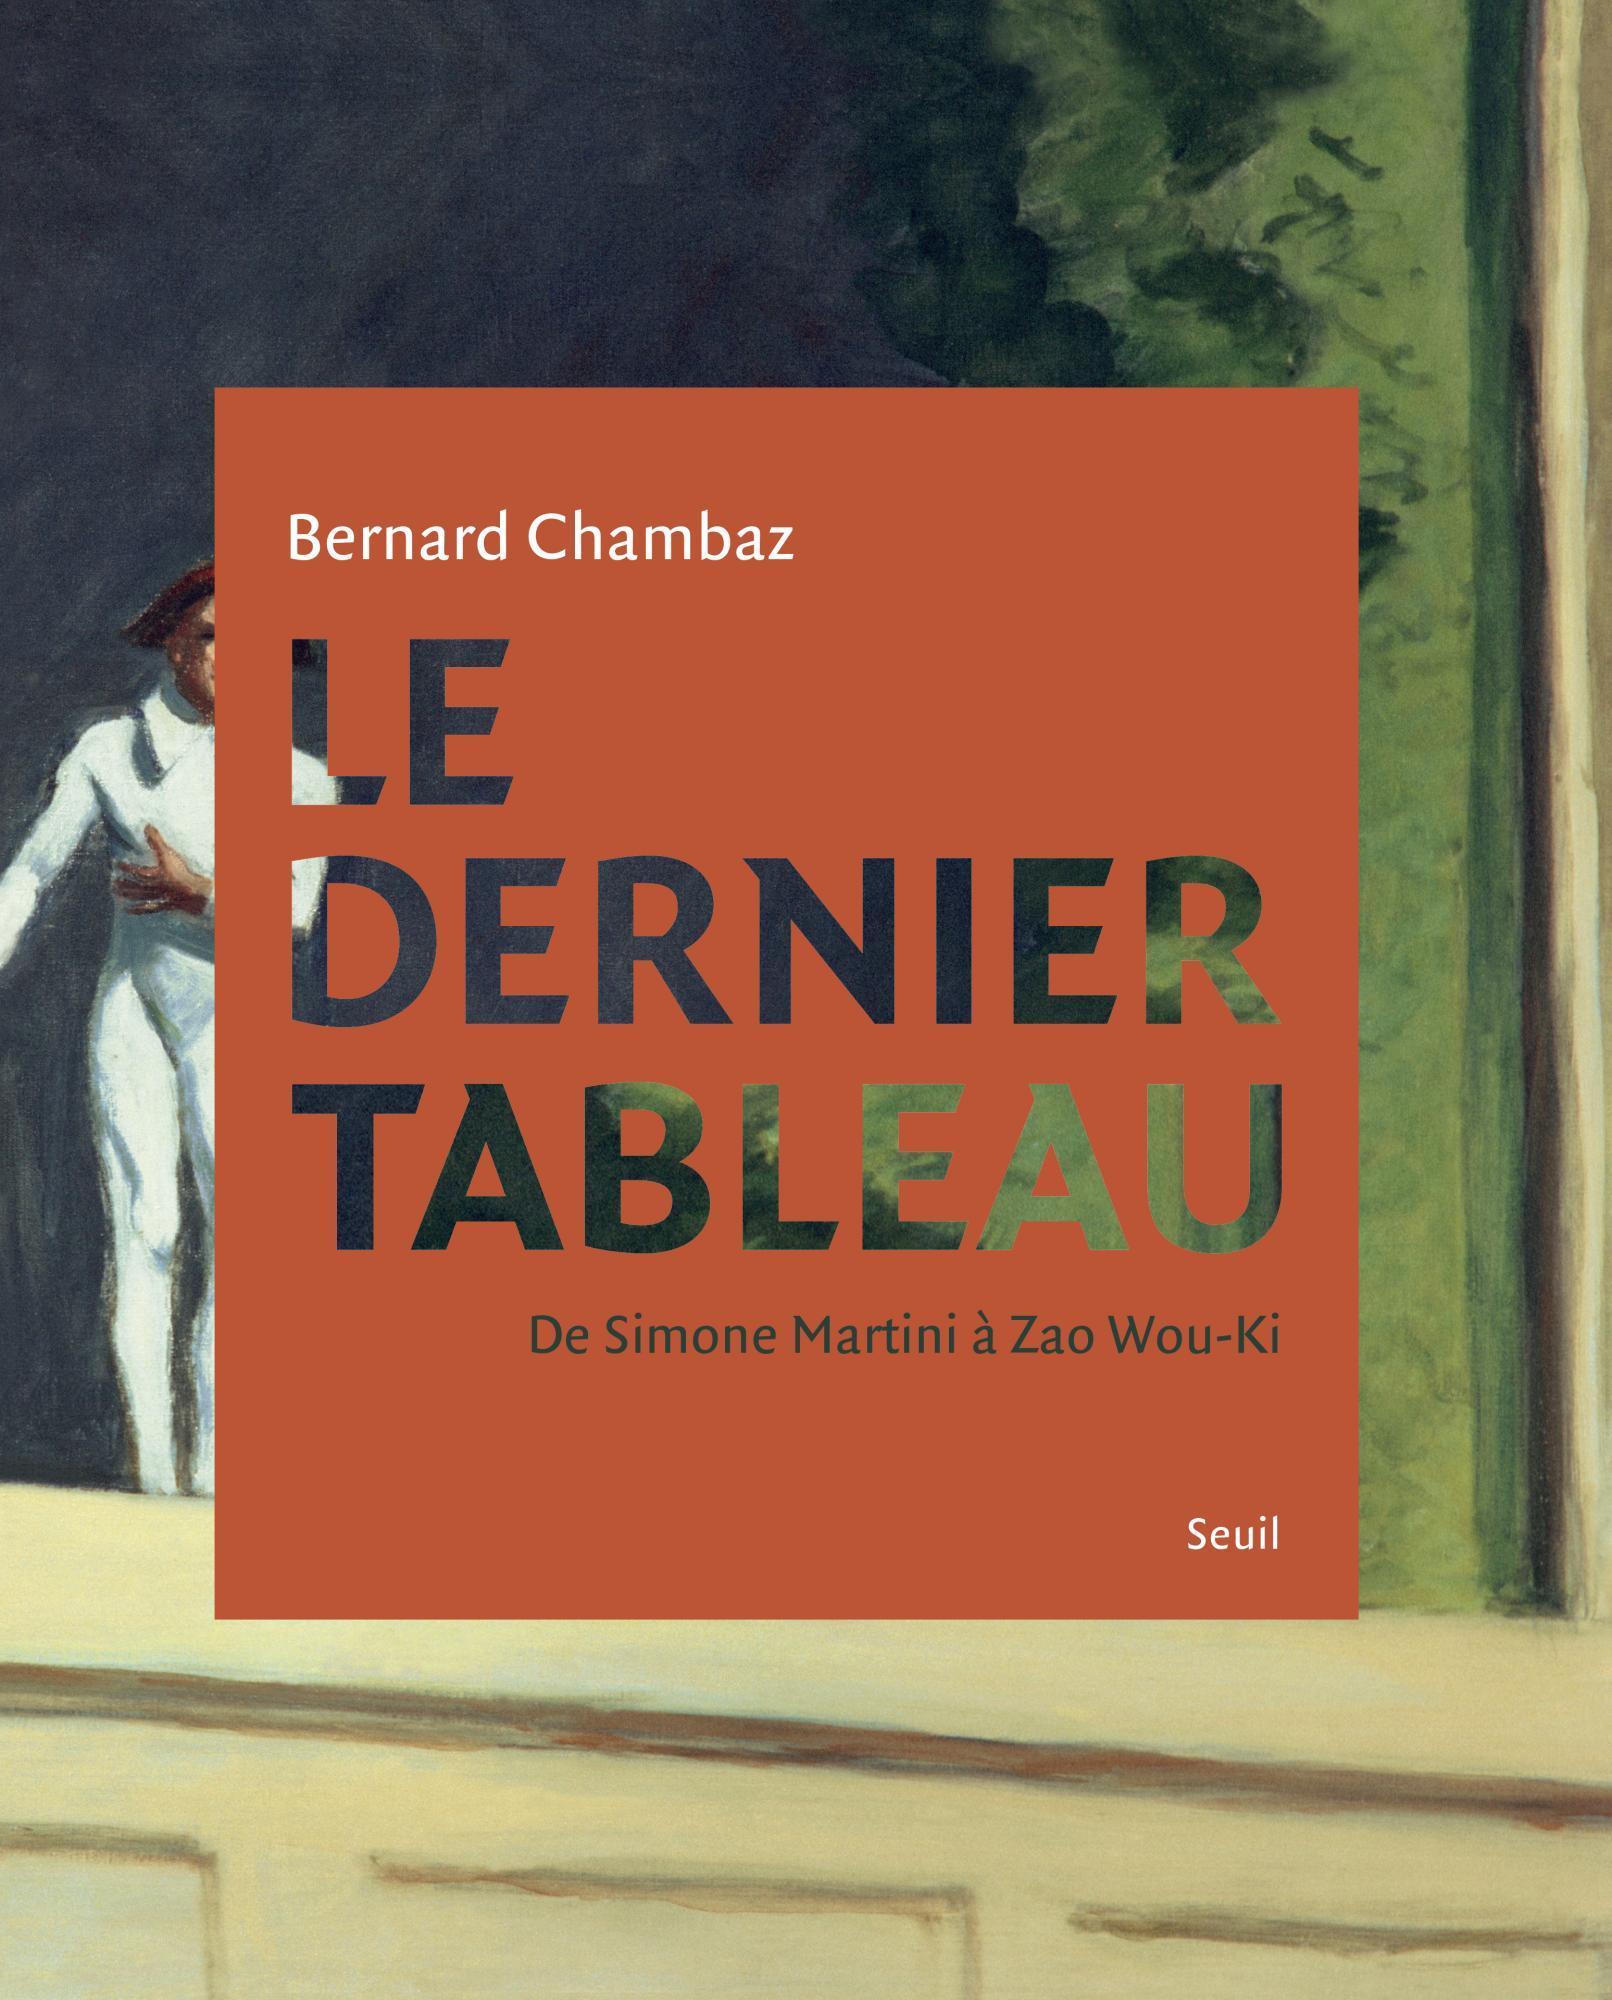 B. Chambaz, Le Dernier tableau. De Simone Martini à Zao Wou-Ki